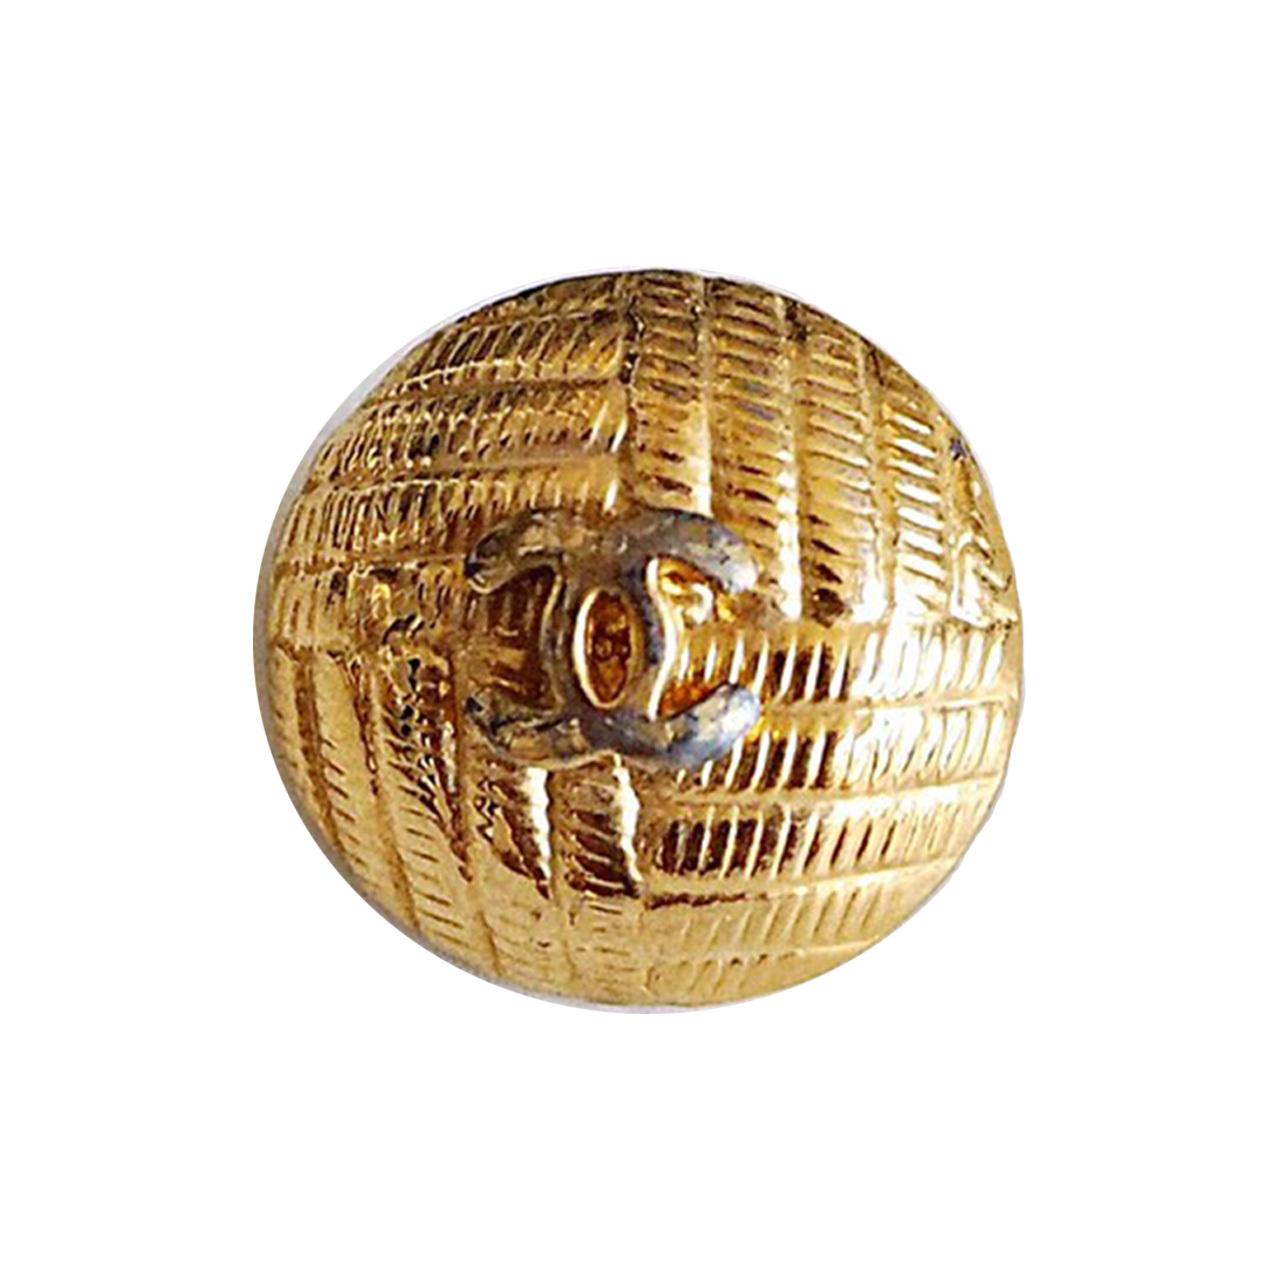 【VINTAGE CHANEL BUTTON】アンティーク ゴールド 織り柄 ボタン